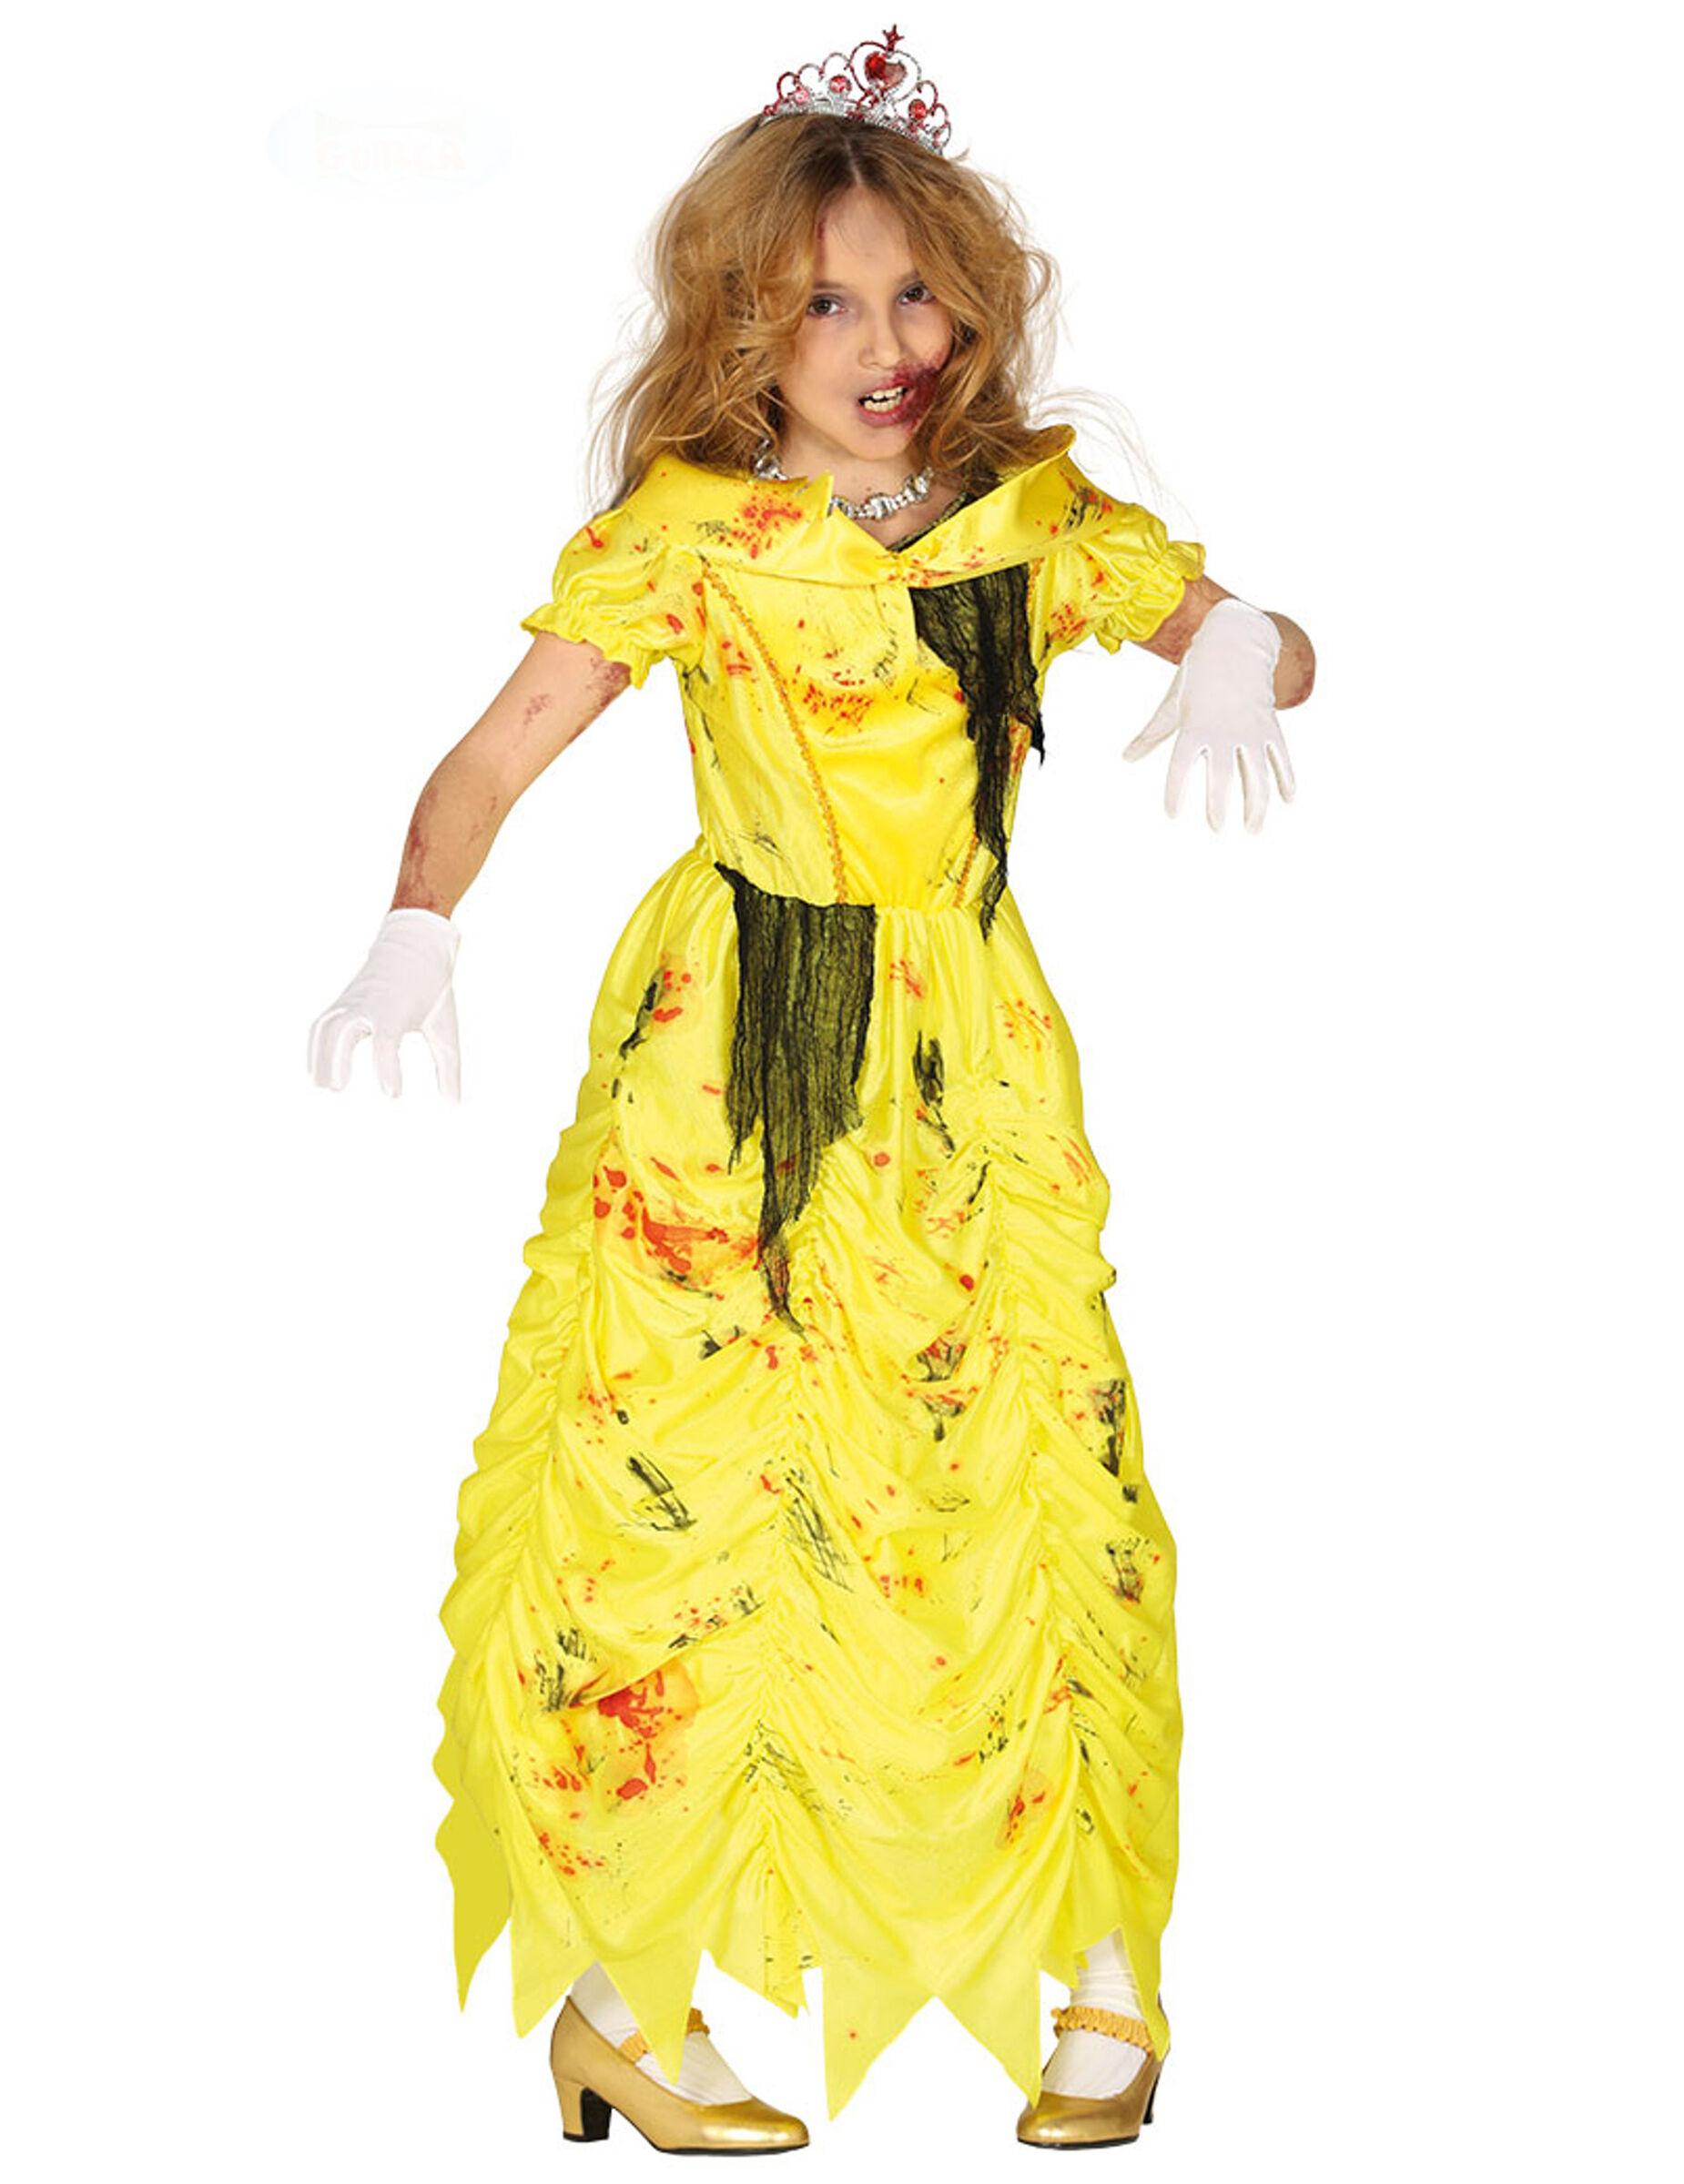 Deguisetoi Déguisement princesse zombie jaune fille - Taille: 7 à 9 ans (125-135 cm)